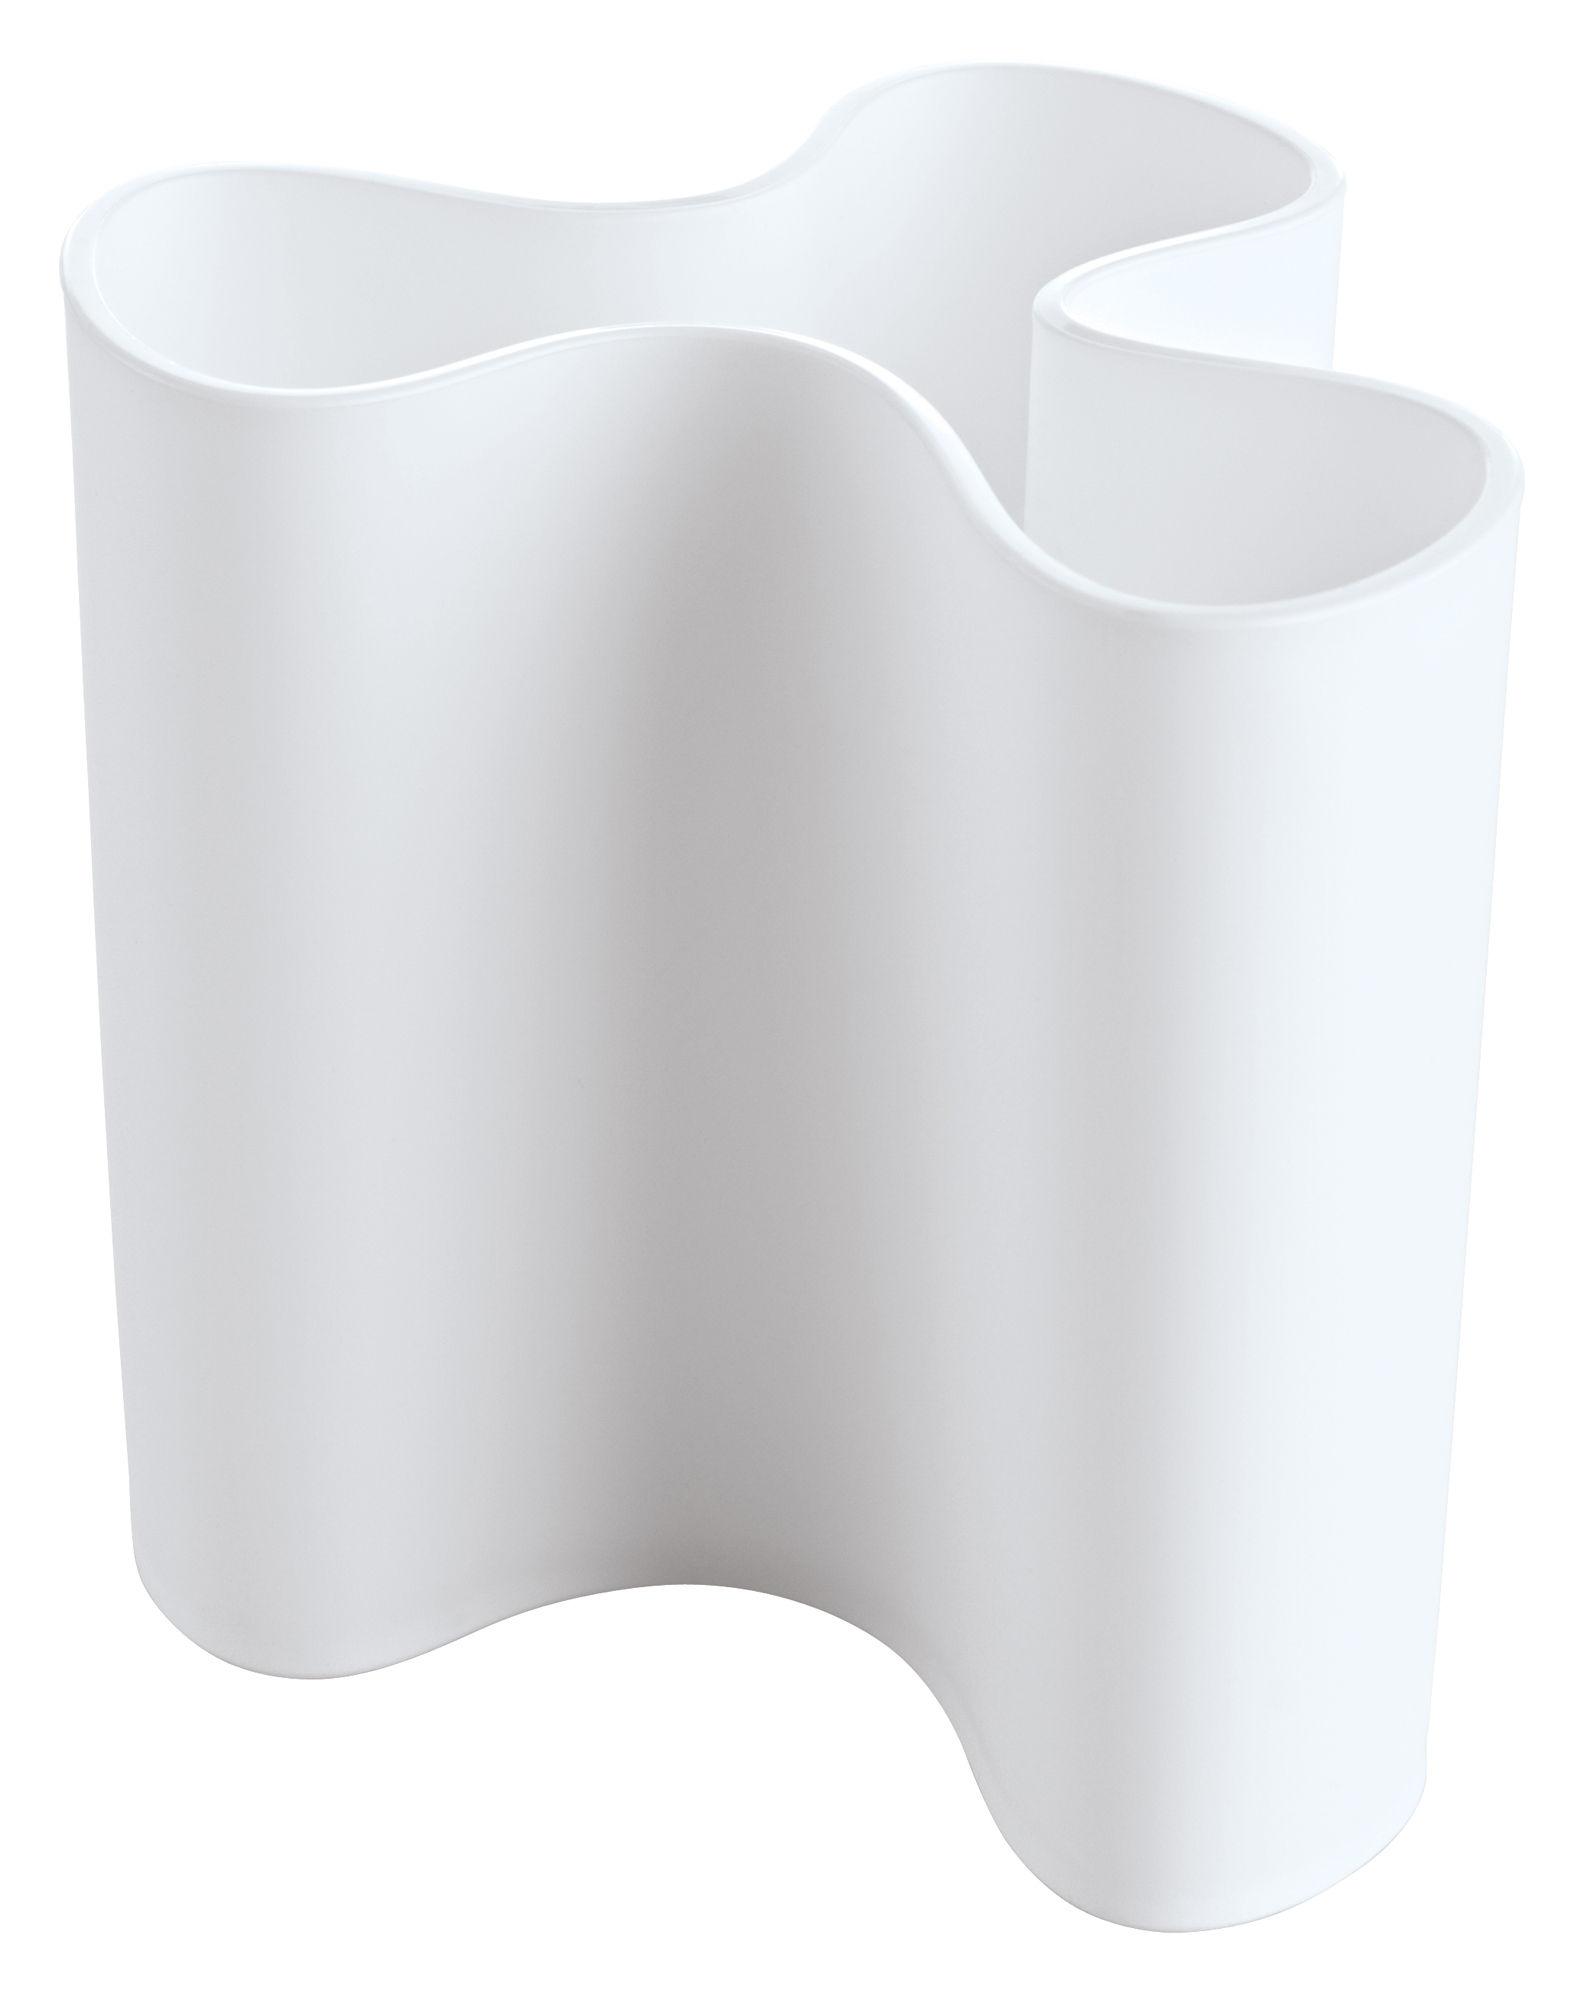 Déco - Vases - Vase Clara H 11 cm - Koziol - Blanc - Matière plastique